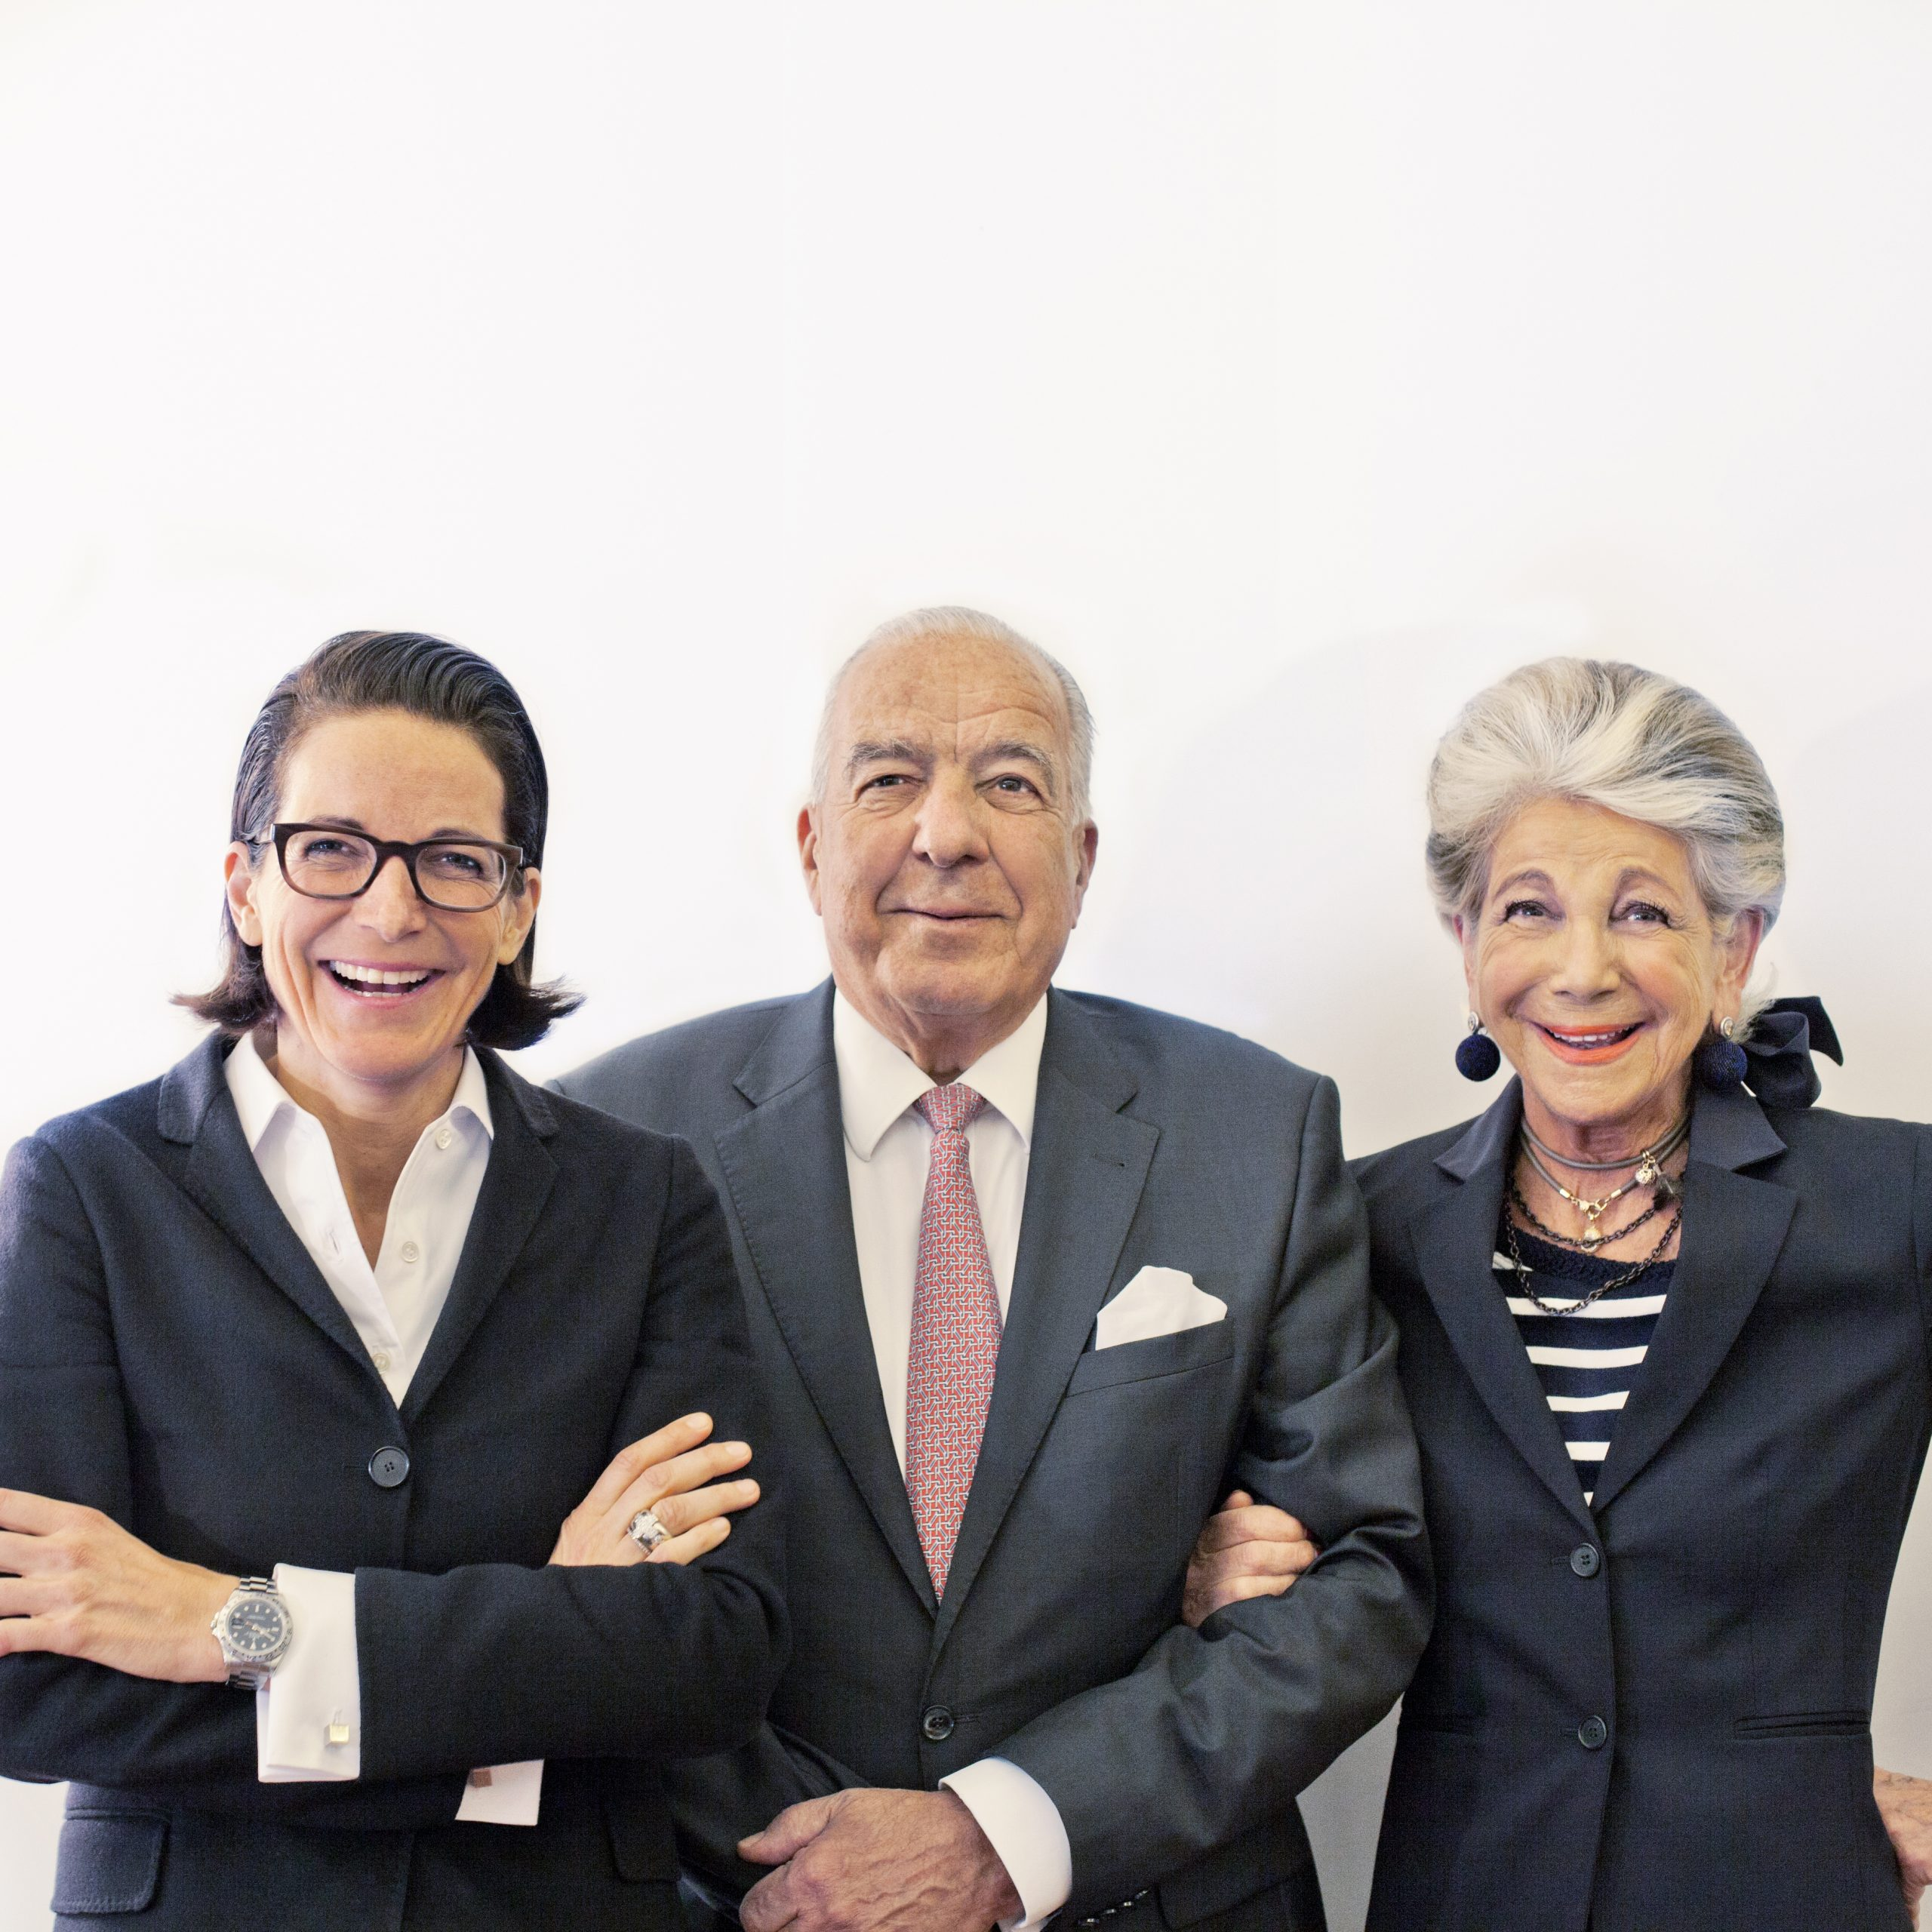 The von Kretschmann family